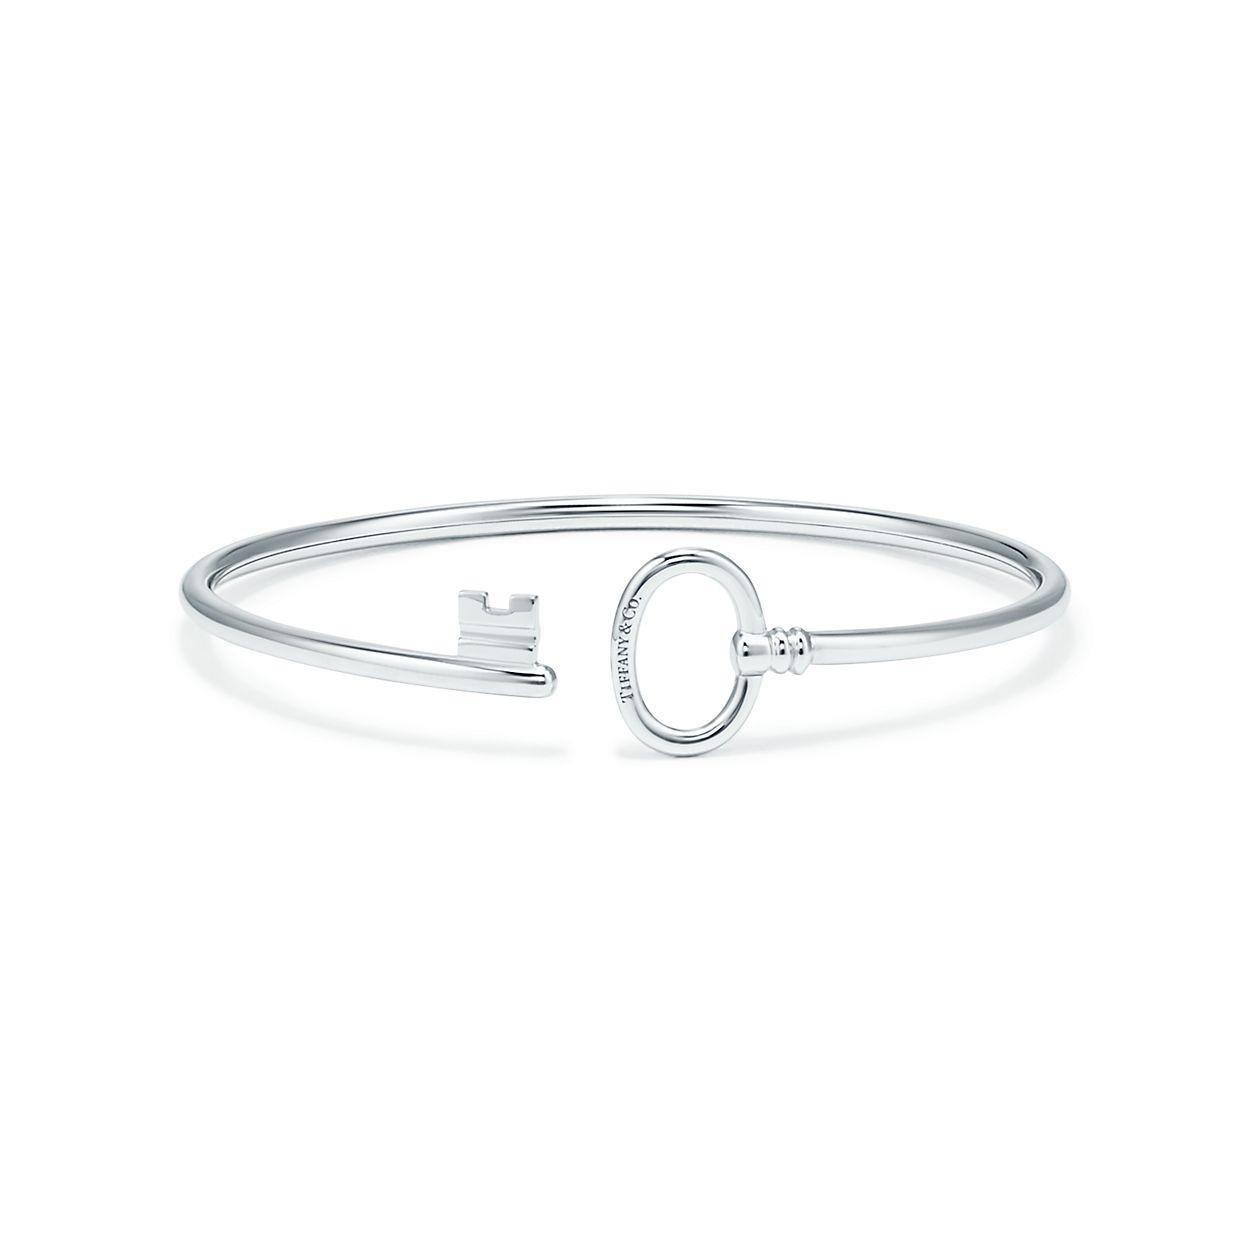 Tiffany Keys wire bracelet in 18k white gold, medium.   Tiffany & Co.